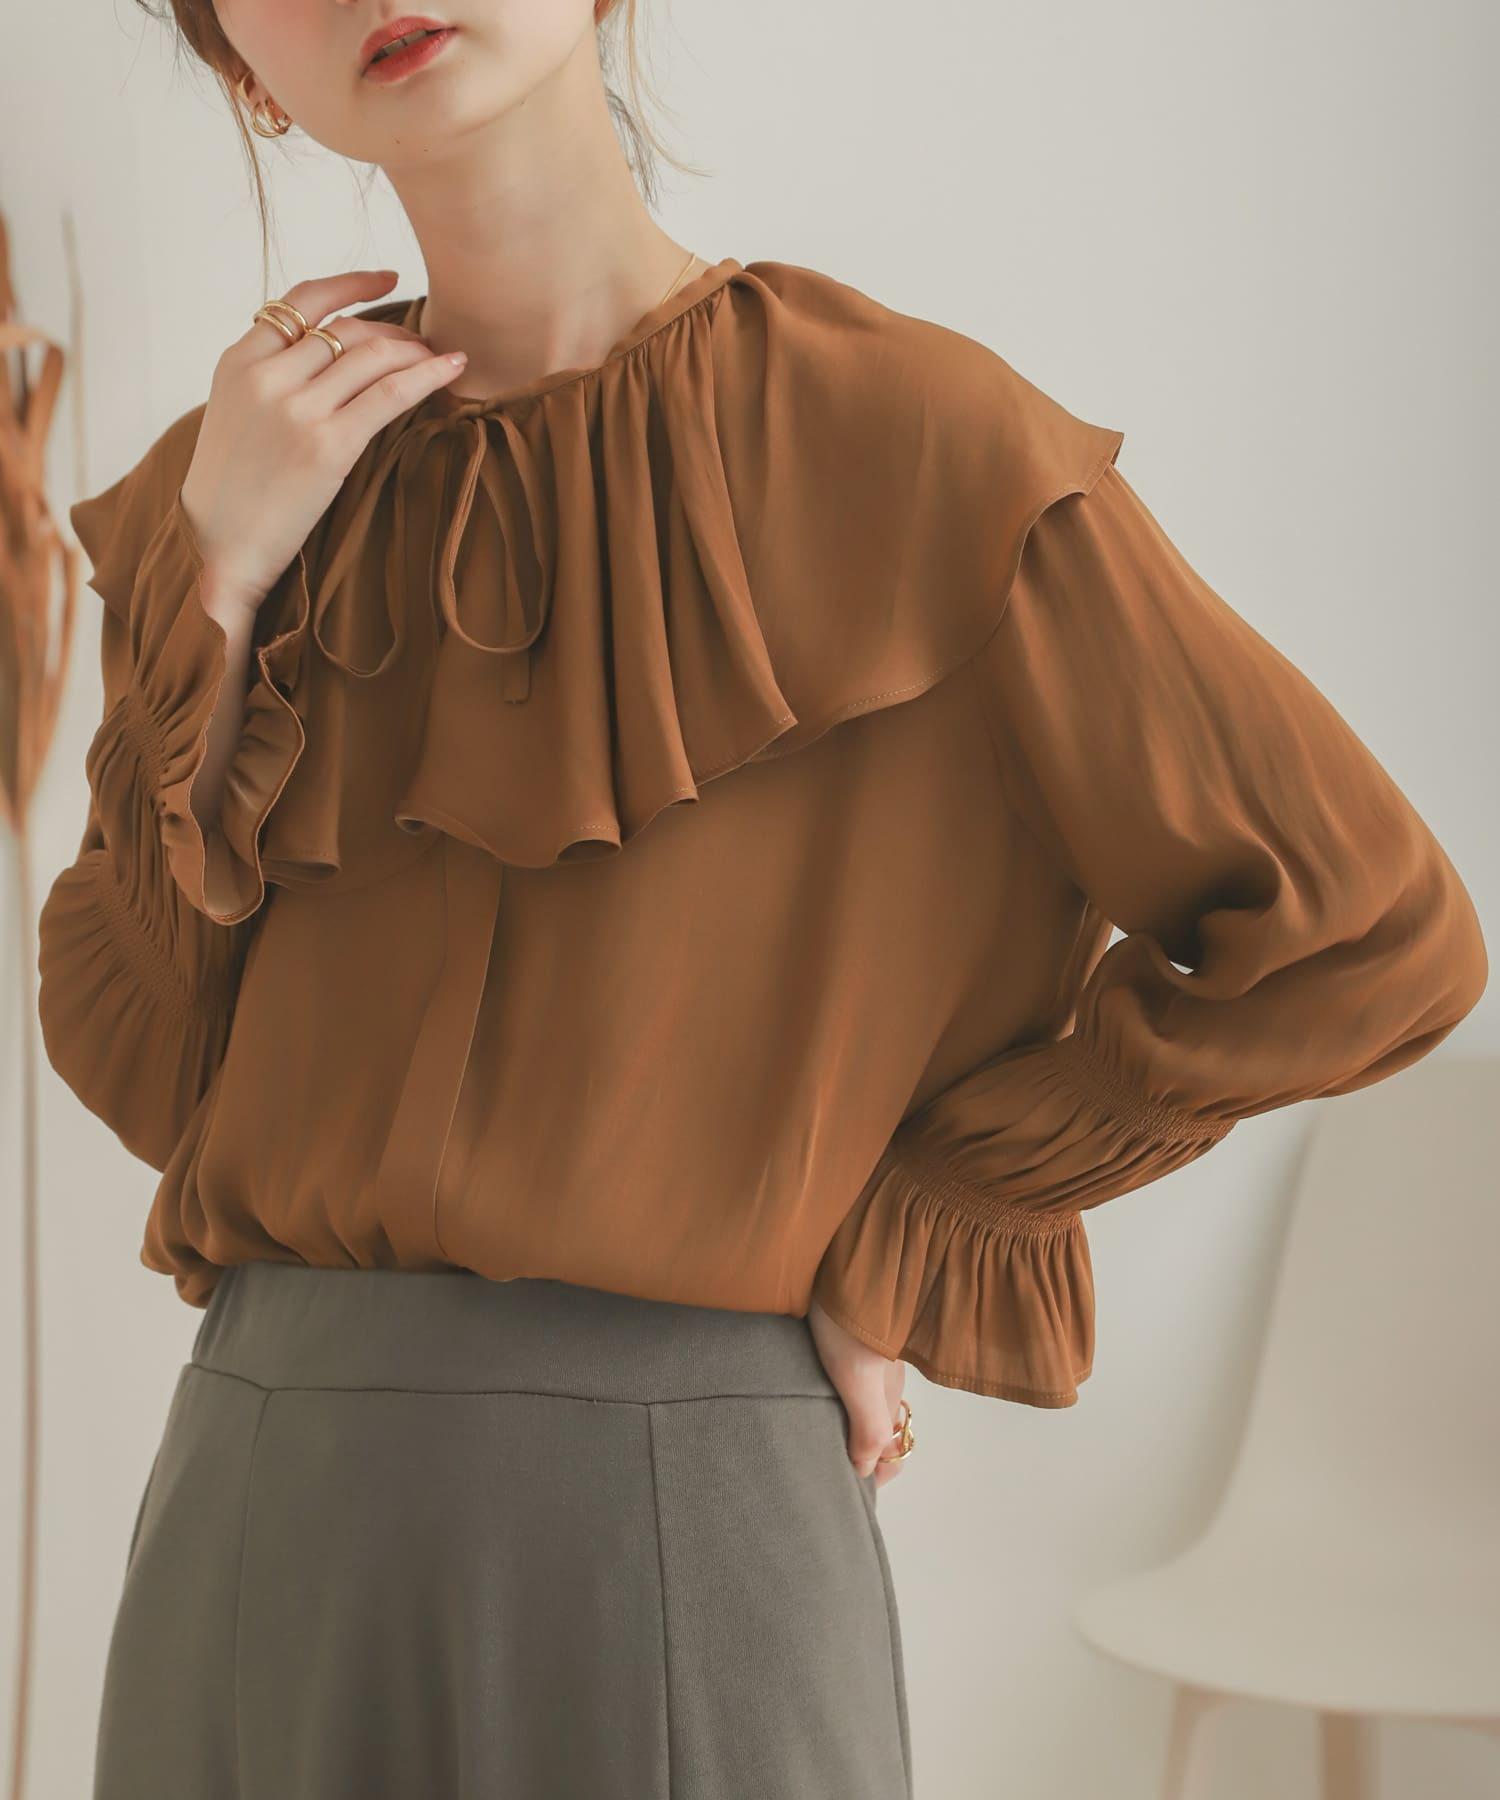 荷葉領襯衫(二件式)